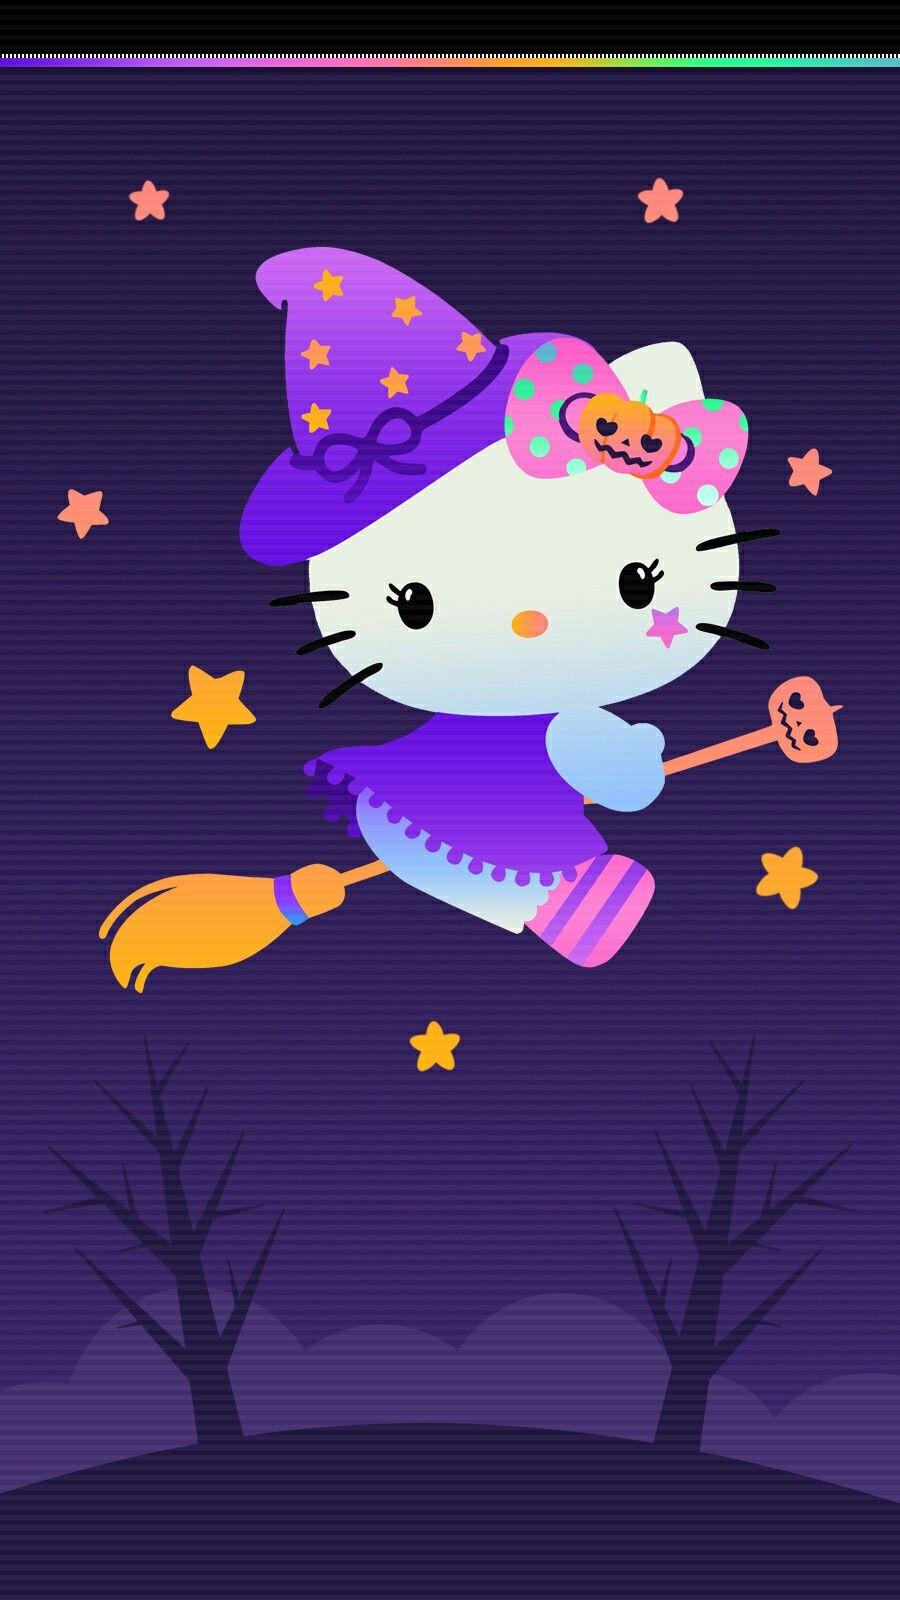 Hello Kitty Halloween Wallpaper Iphone 2019 Hello Kitty Halloween Wallpaper Hello Kitty Backgrounds Hello Kitty Iphone Wallpaper